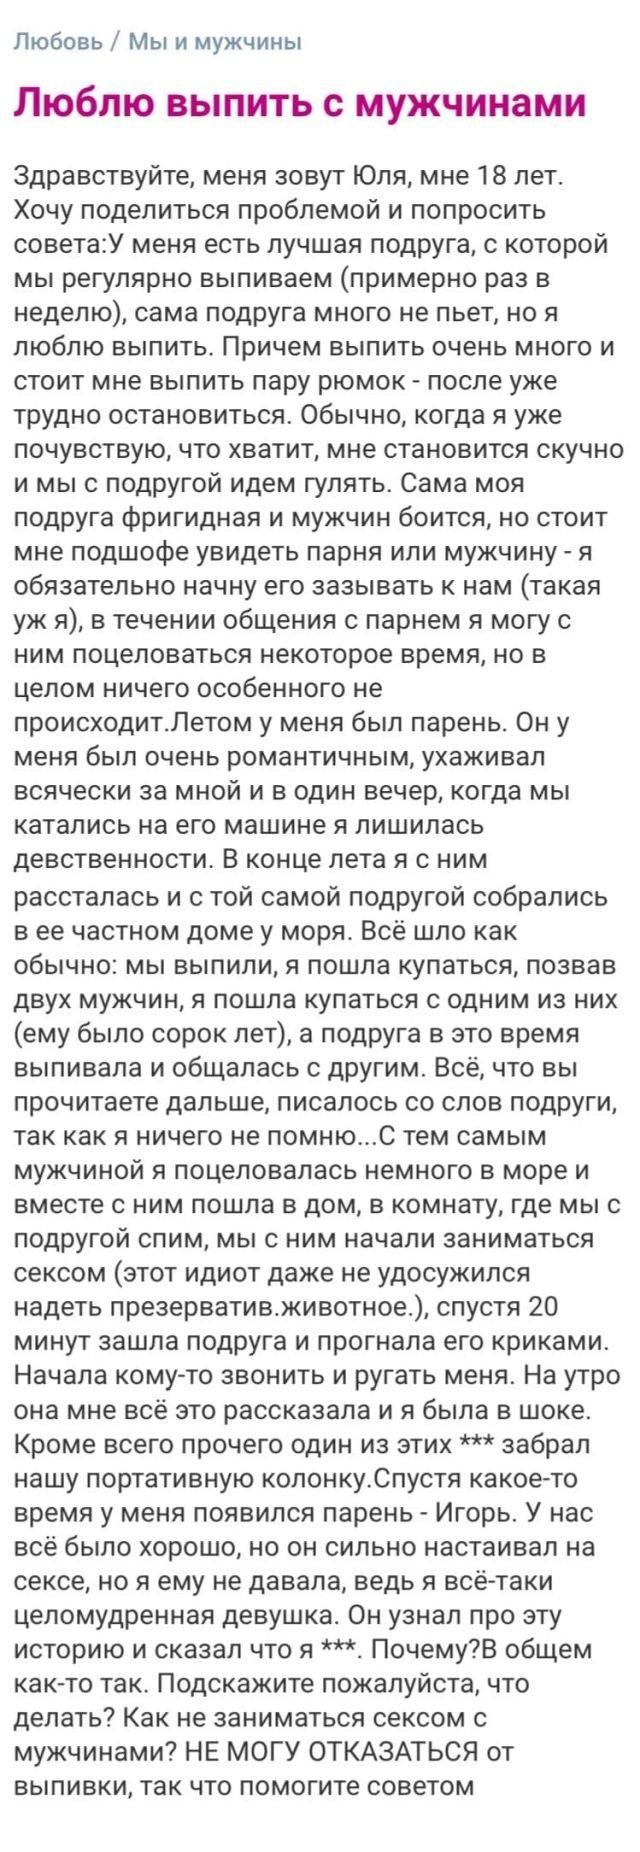 история про мужчин